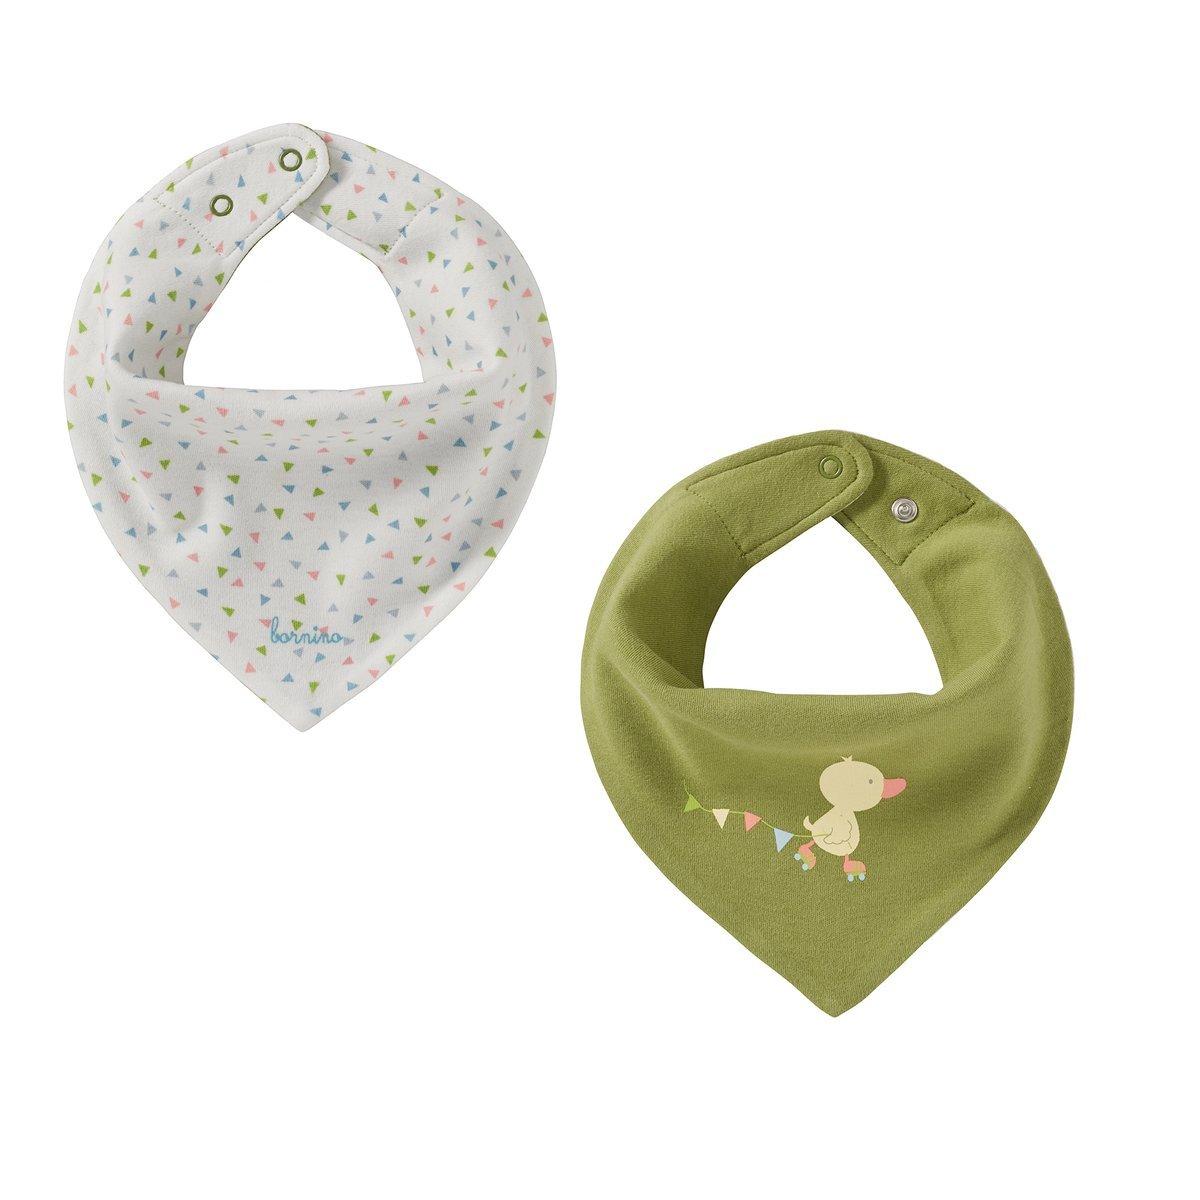 Bornino Baby Wende-Dreieckstuch Confetti Animals/Halstuch / dunkelgrün/offwhite gemustert